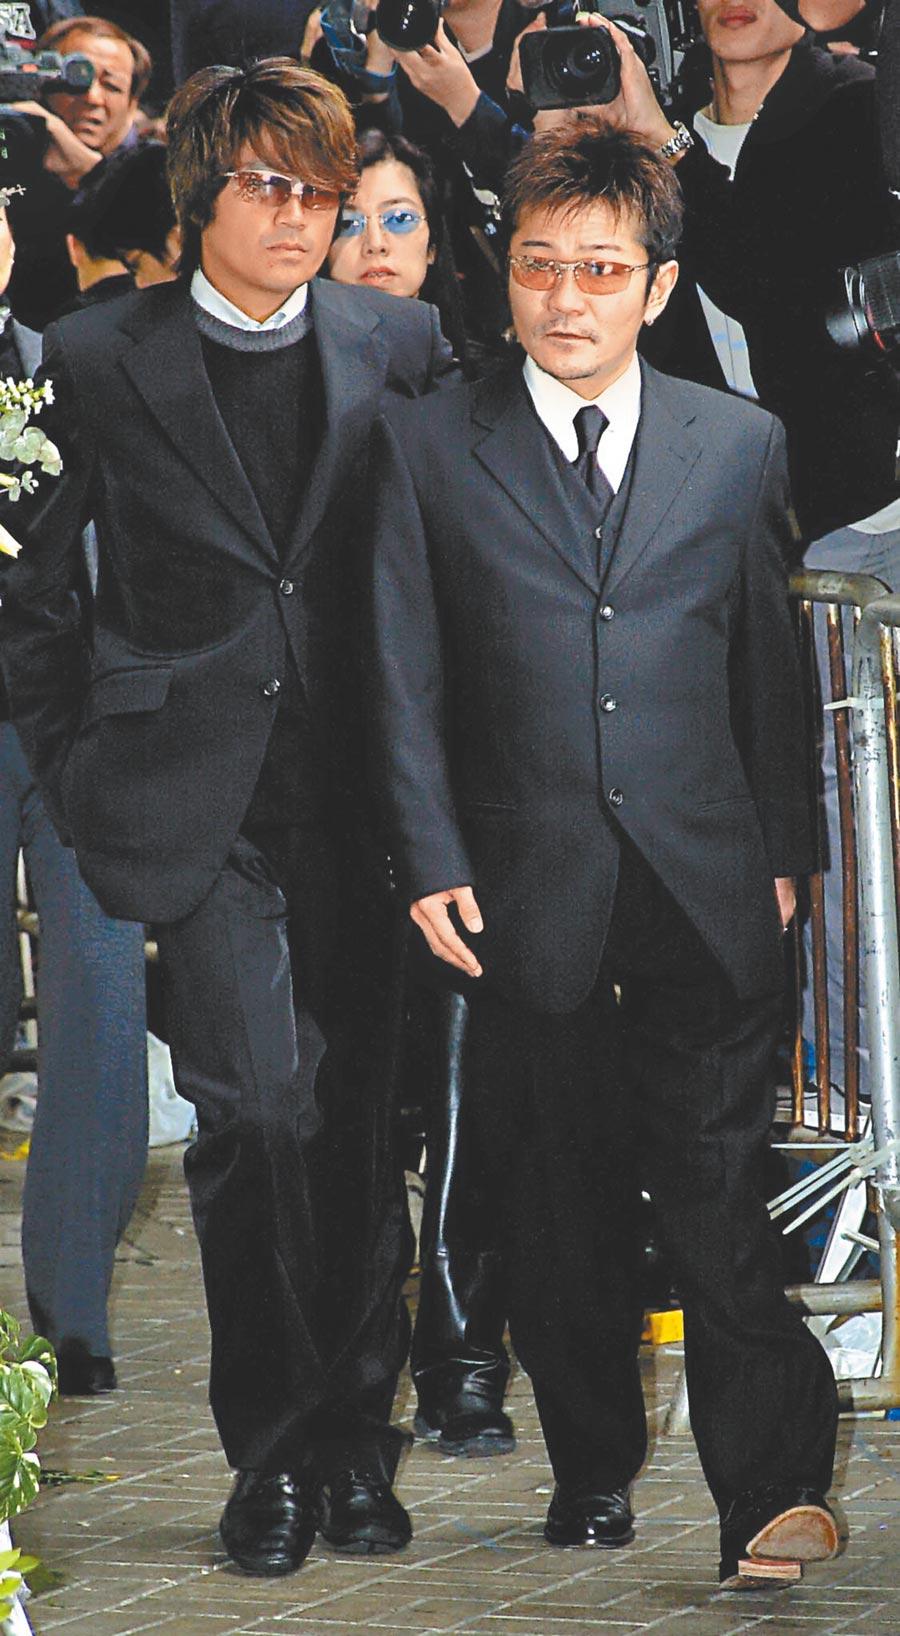 近藤真彥(左)赴港參加梅艷芳喪禮,神情憔悴。(中時資料照片)